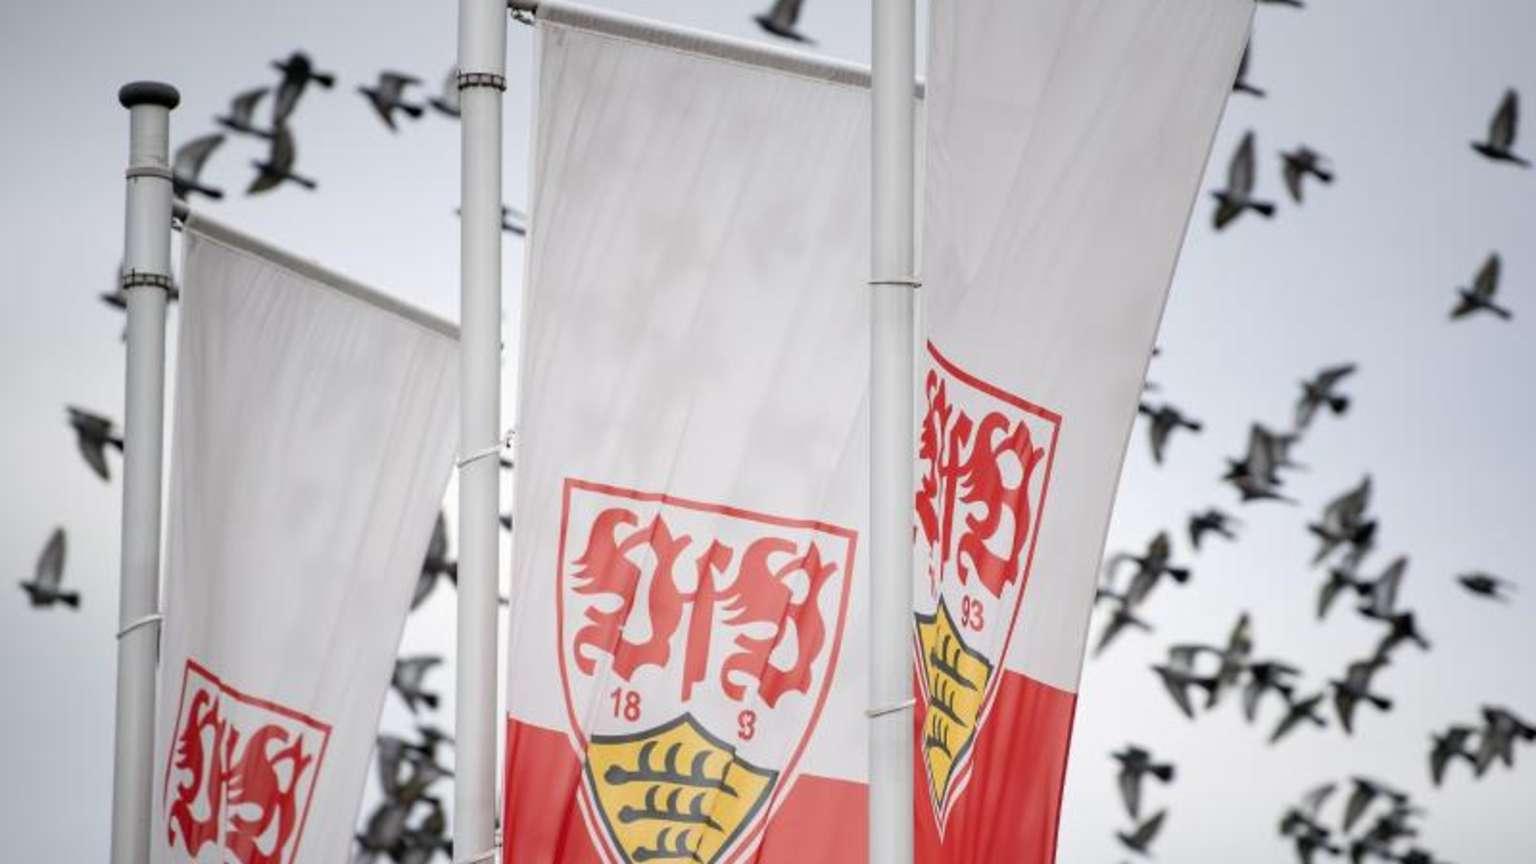 Staatshilfe für Bundesliga-Clubs: Wie passt das zusammen